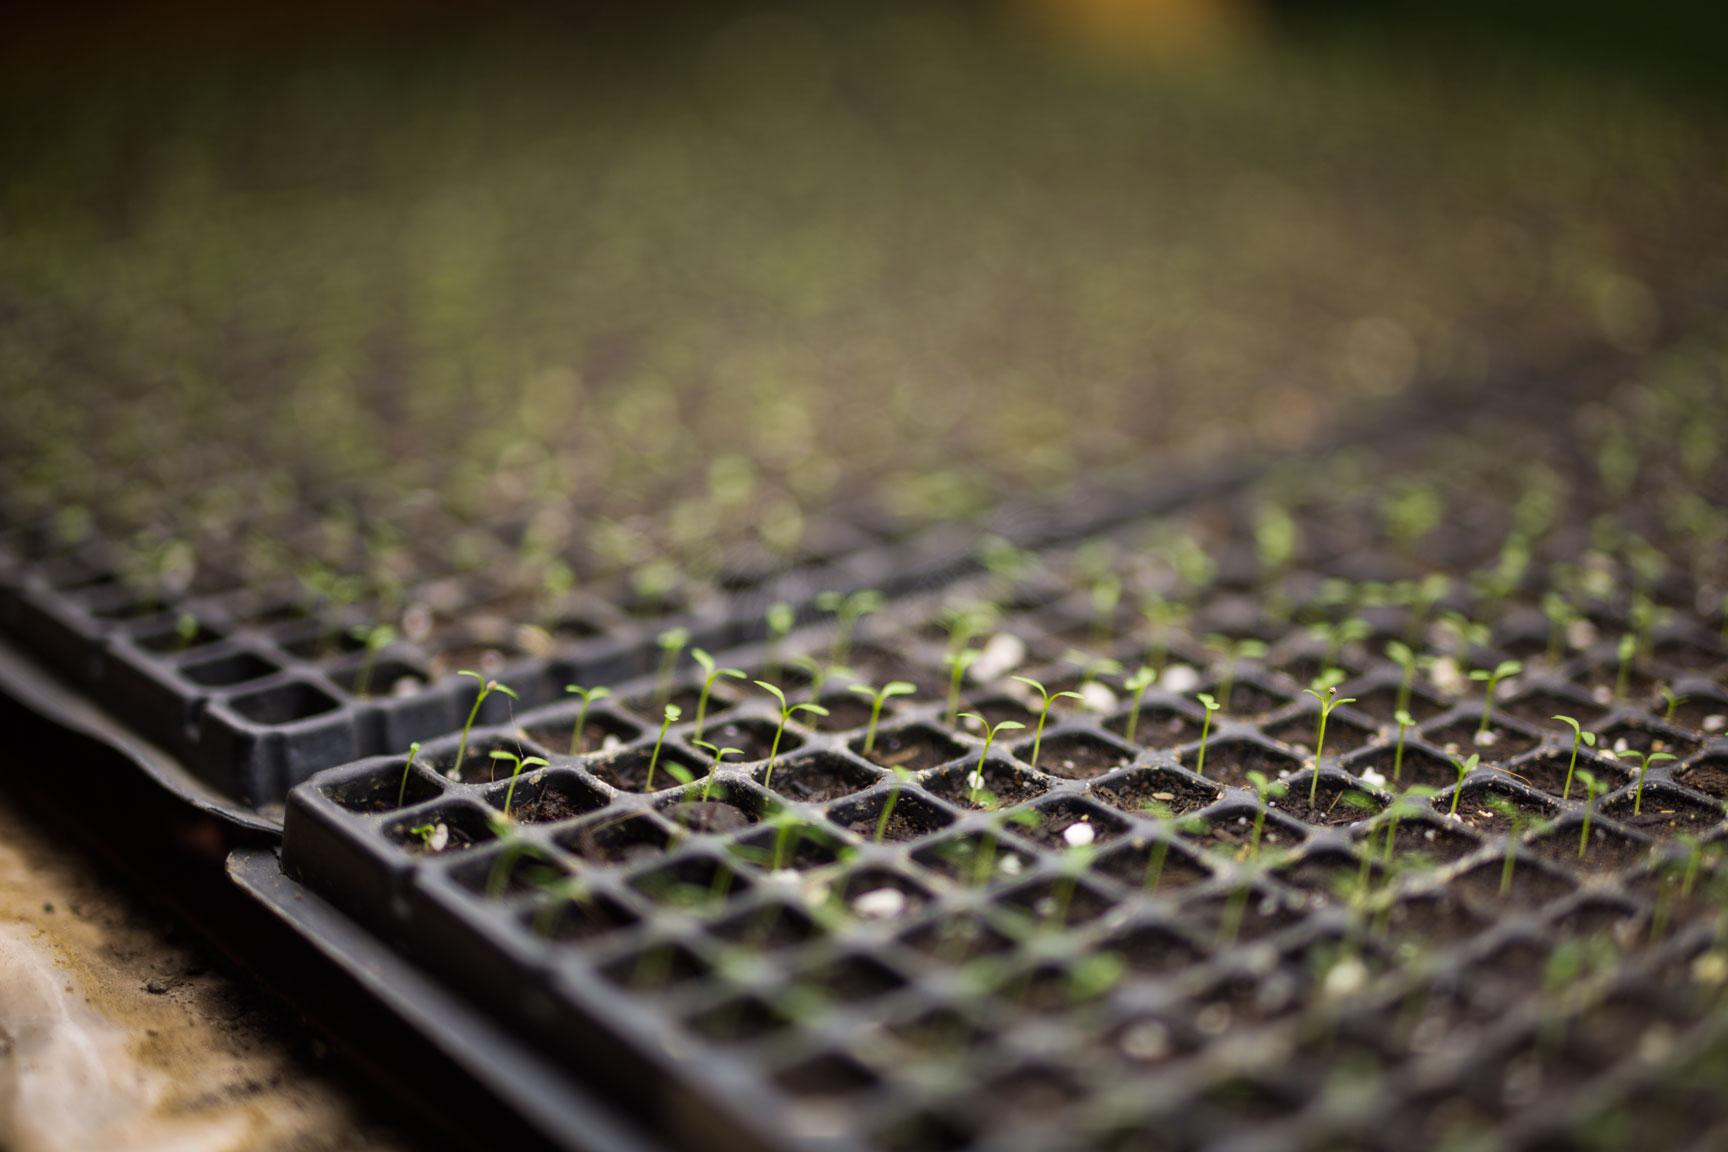 Farmer Chris' seedlings.